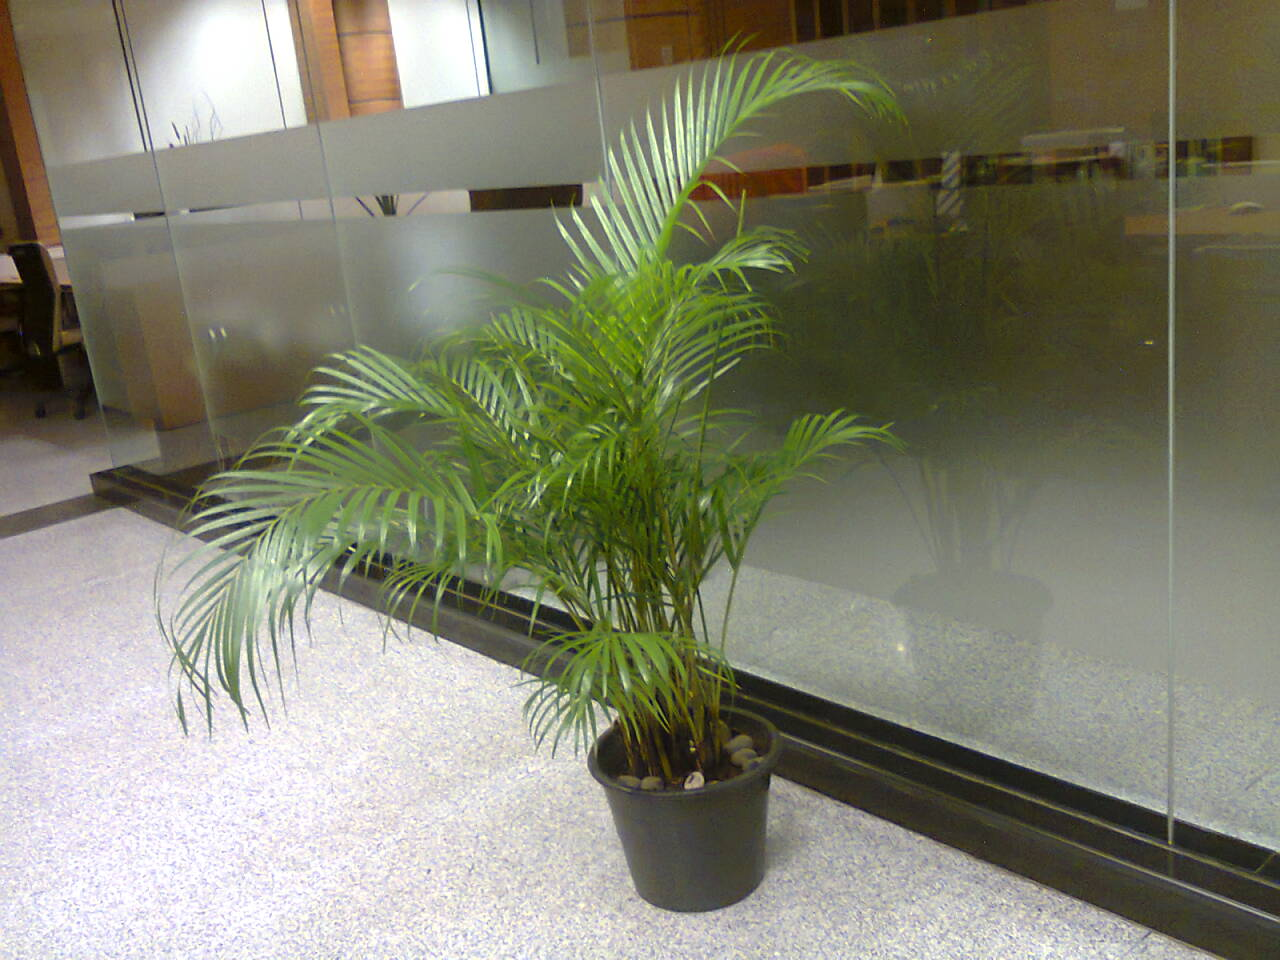 Rental tanaman pot Palem Kuning Telp.021-70057111, Hp. 08561577500